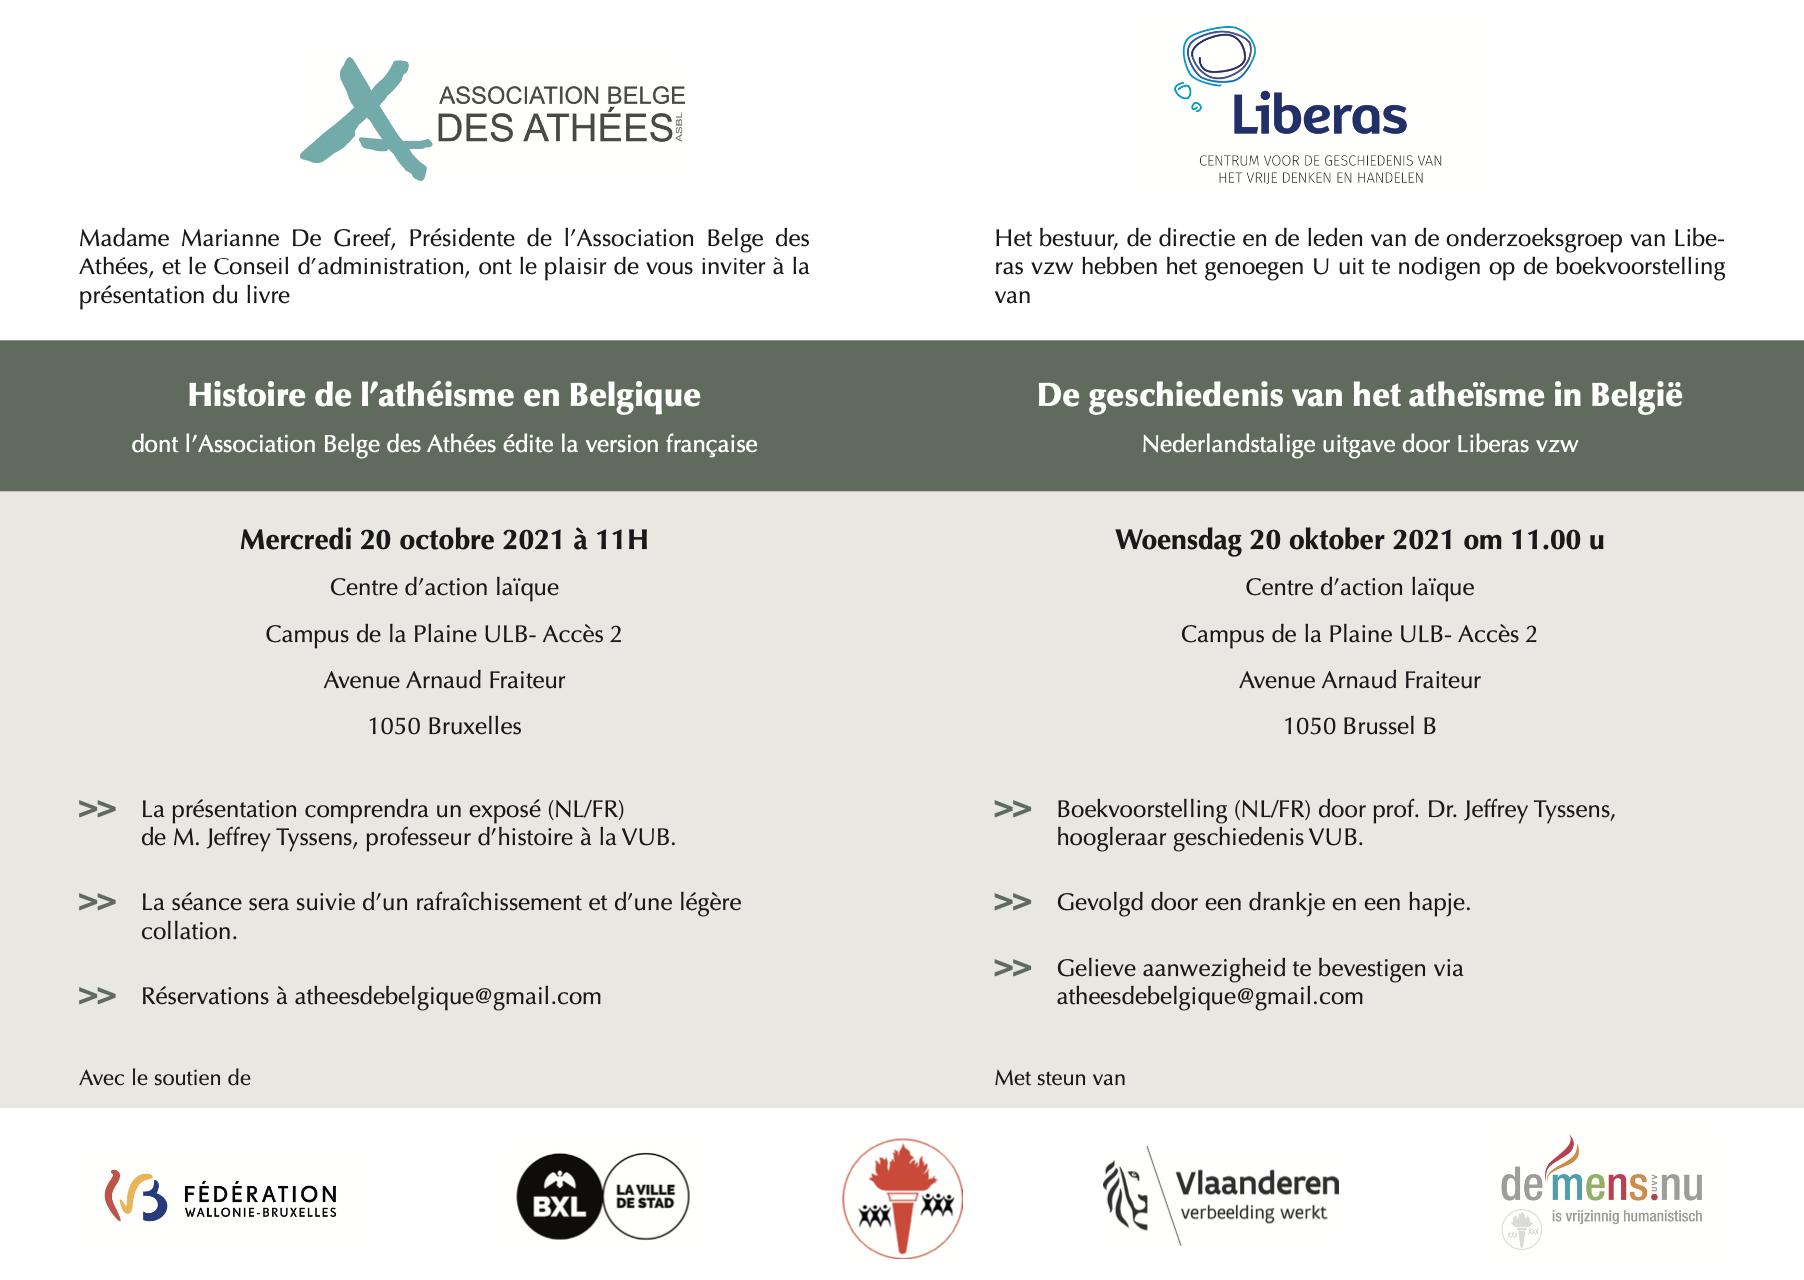 Histoire de l'athéisme en Belgique